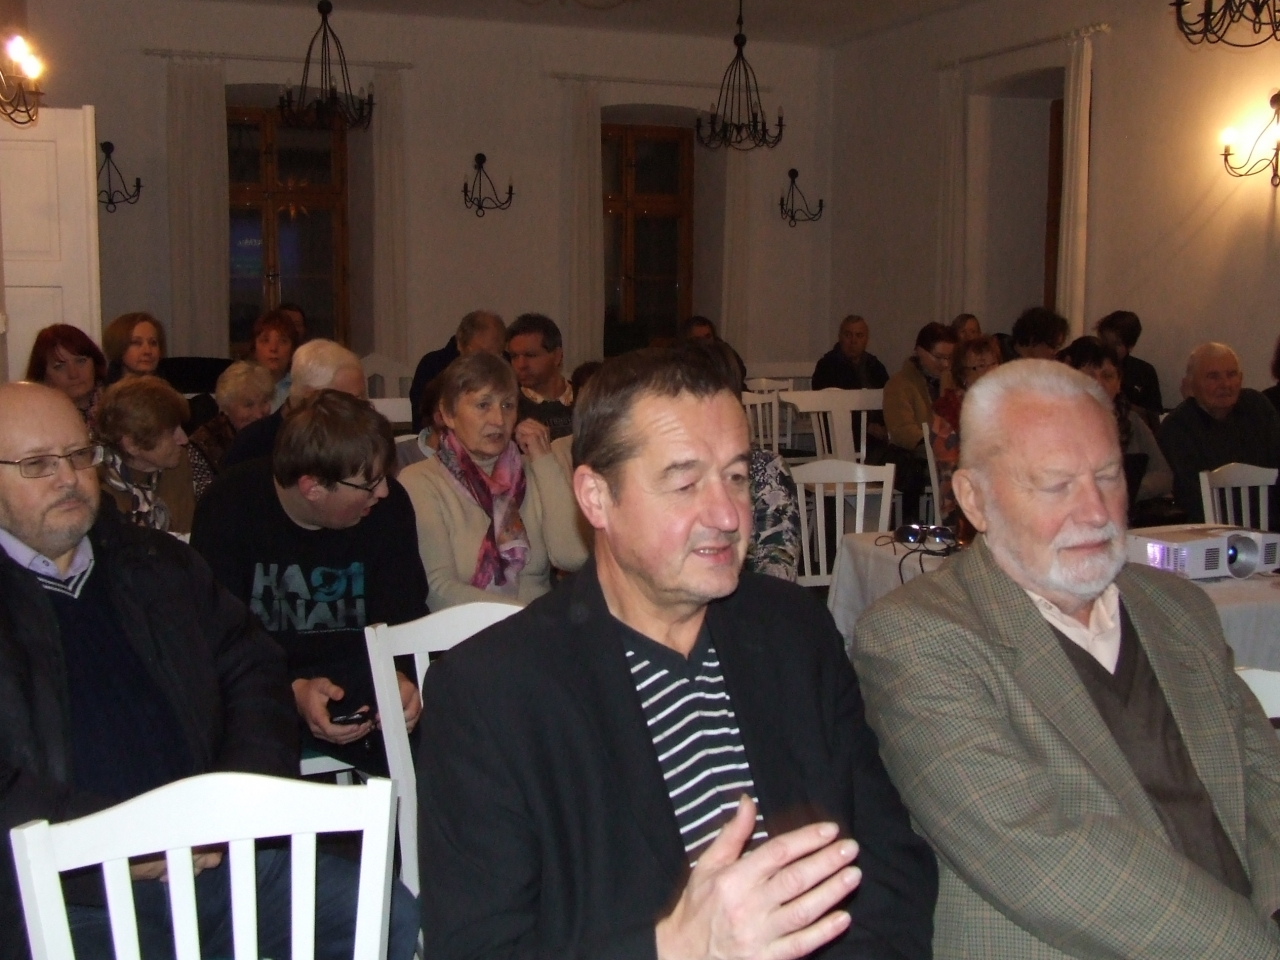 MUDr, Zdeněk Susa DrSc, a ndřej Halama